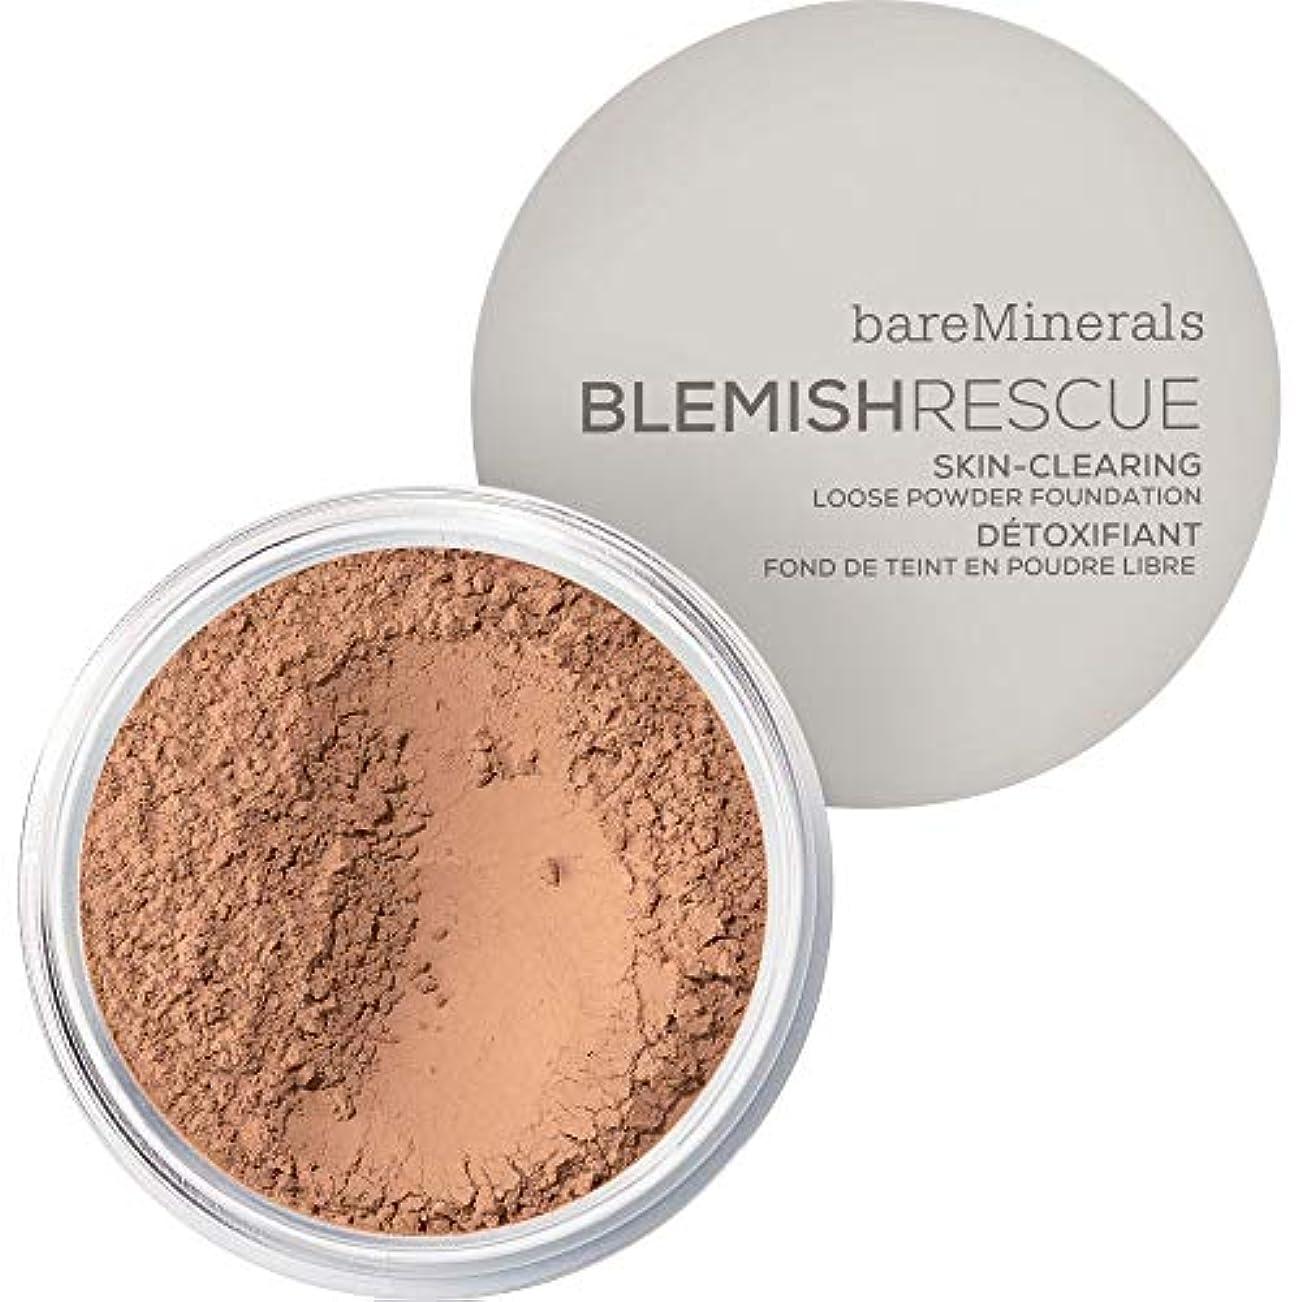 影響するどう?公使館[bareMinerals] ベアミネラルは、レスキュースキンクリア緩いパウダーファンデーション6グラムの3.5Cnを傷 - 日焼けメディア - bareMinerals Blemish Rescue Skin-Clearing...